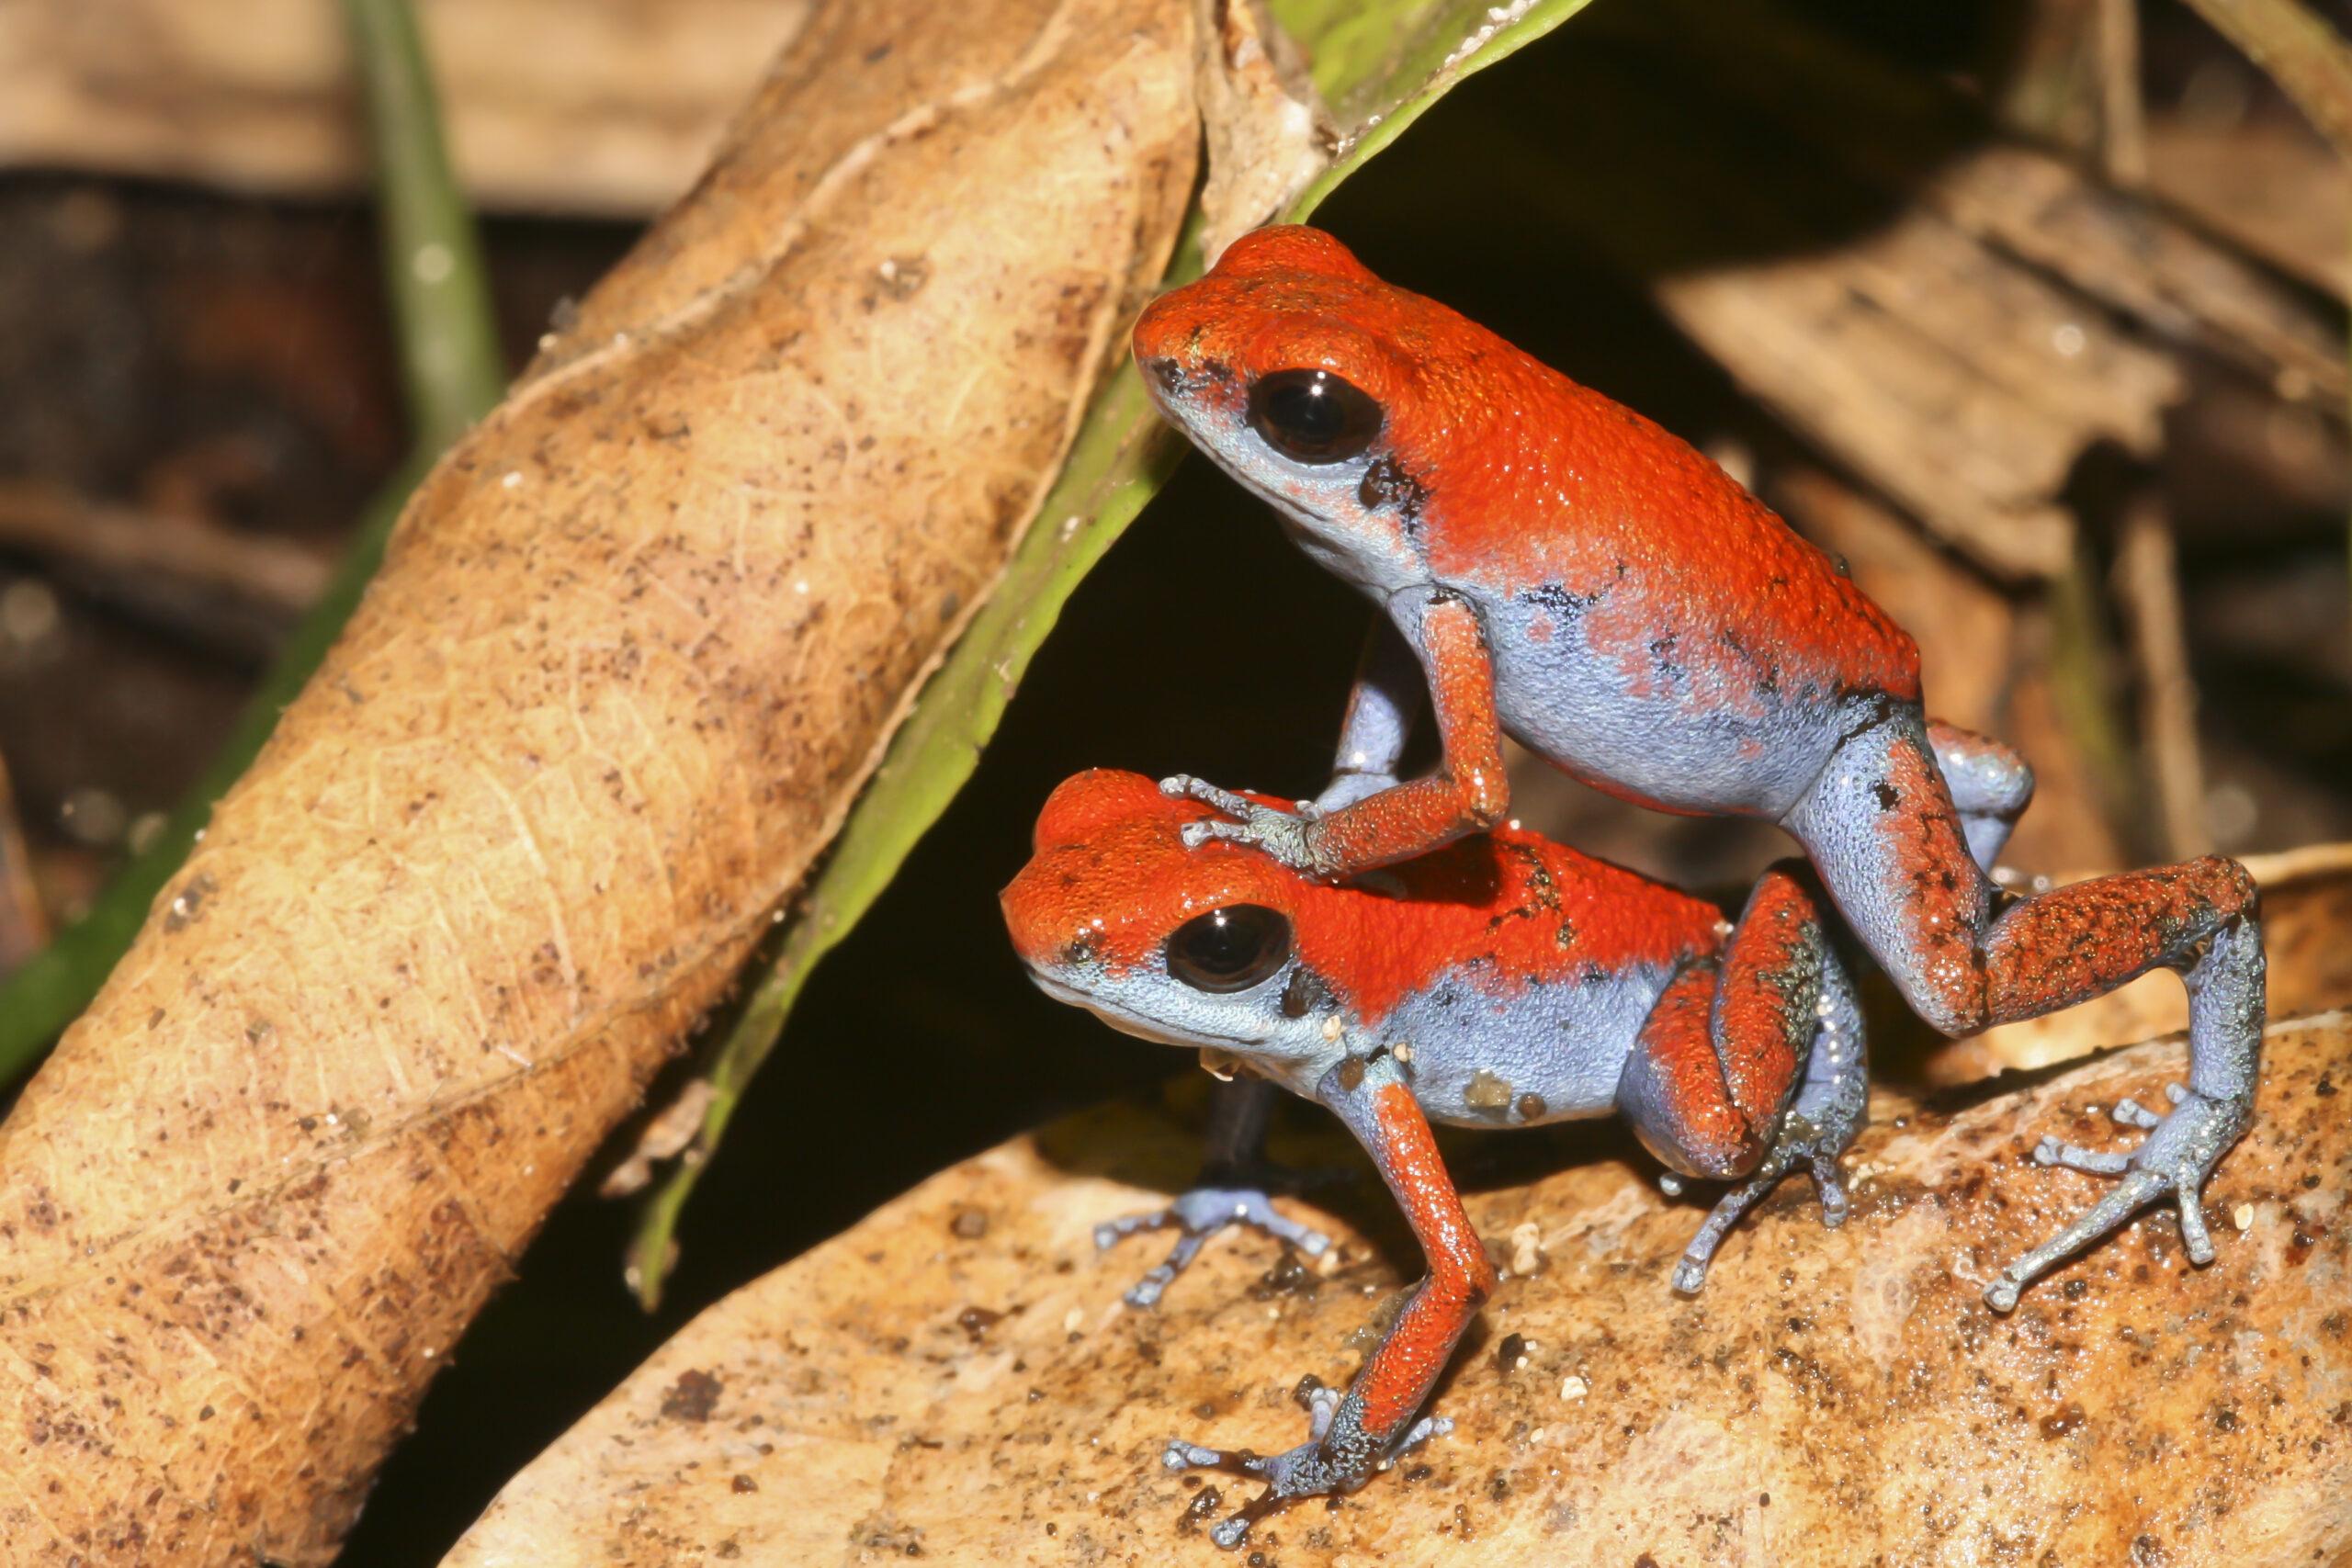 Oophaga pumilio pair from Escudo de Veraguas, Bocas del Toro, Panama - by G. Benaets.